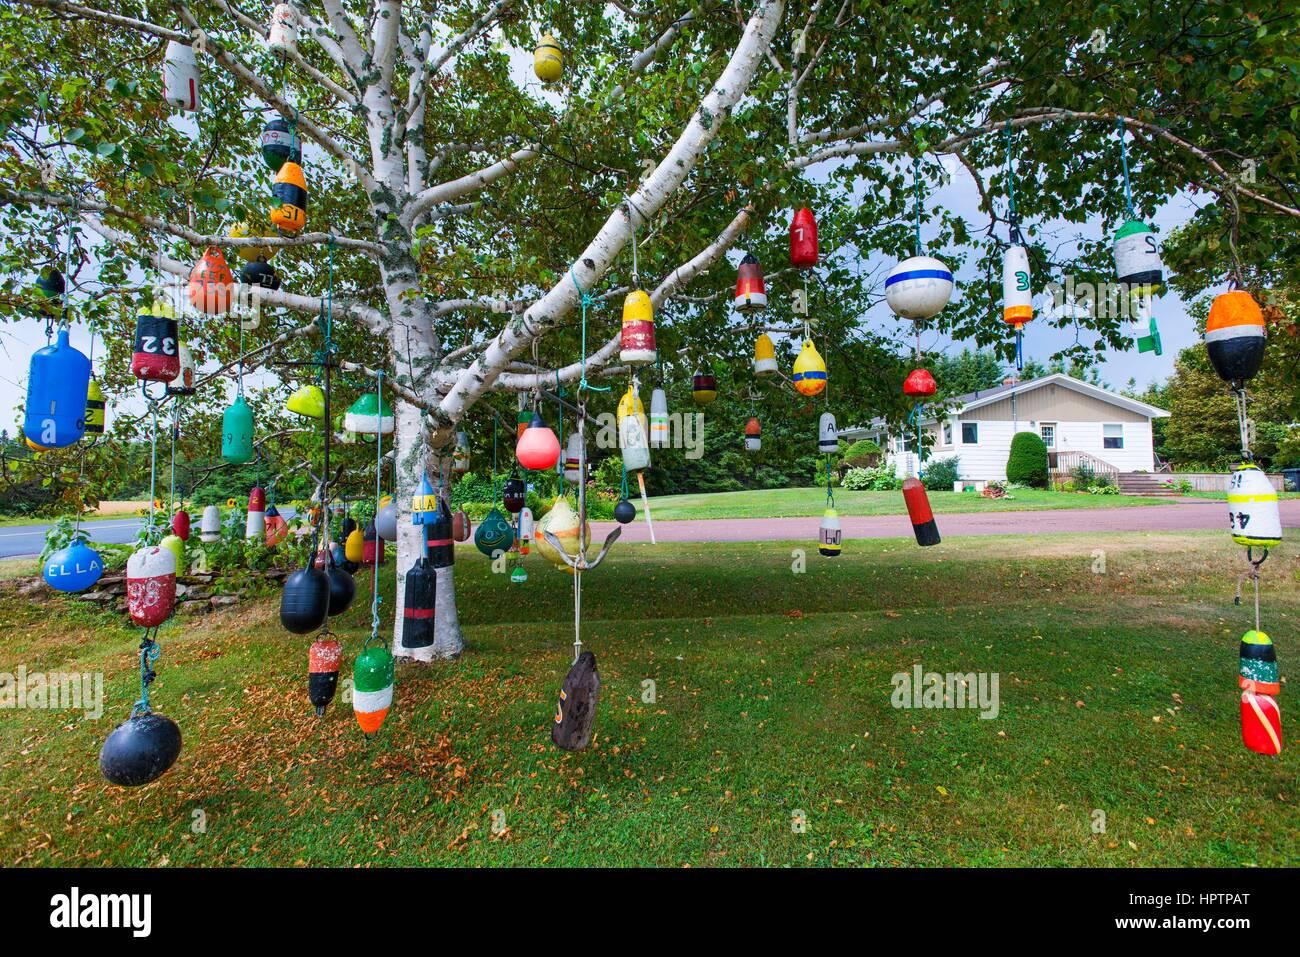 Bojen Hängen Als Dekoration In Einem Baum In Einem Garten An Der Straße,  Provinz Prince Edward Island, Kanada